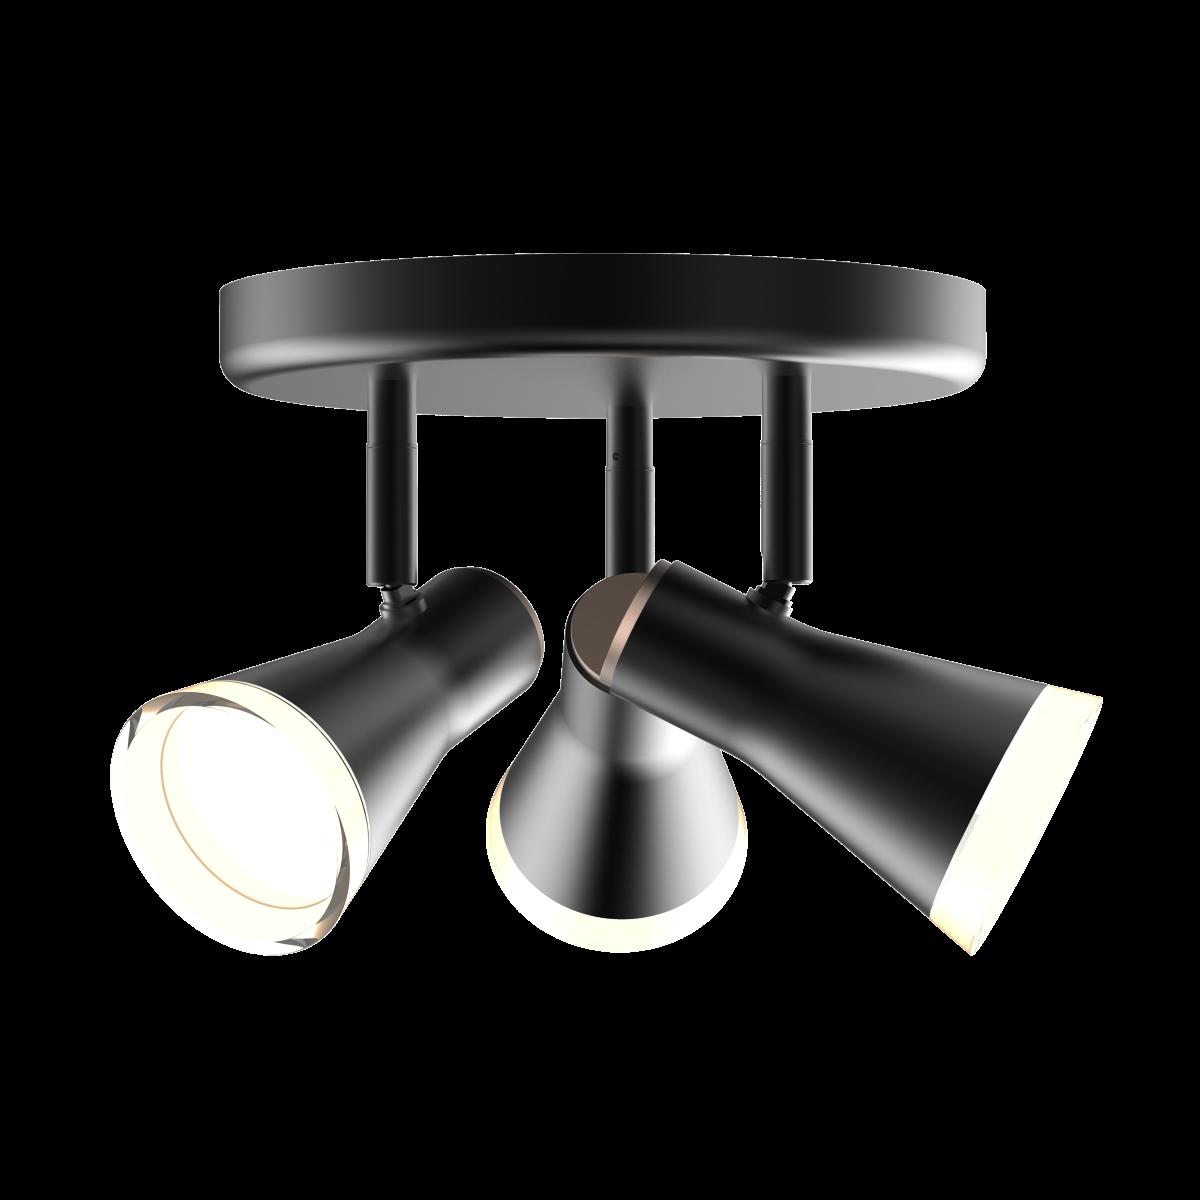 Спотовый светодиодный светильник (бра) MAXUS MSL-02R 3x4W 4100K Черный